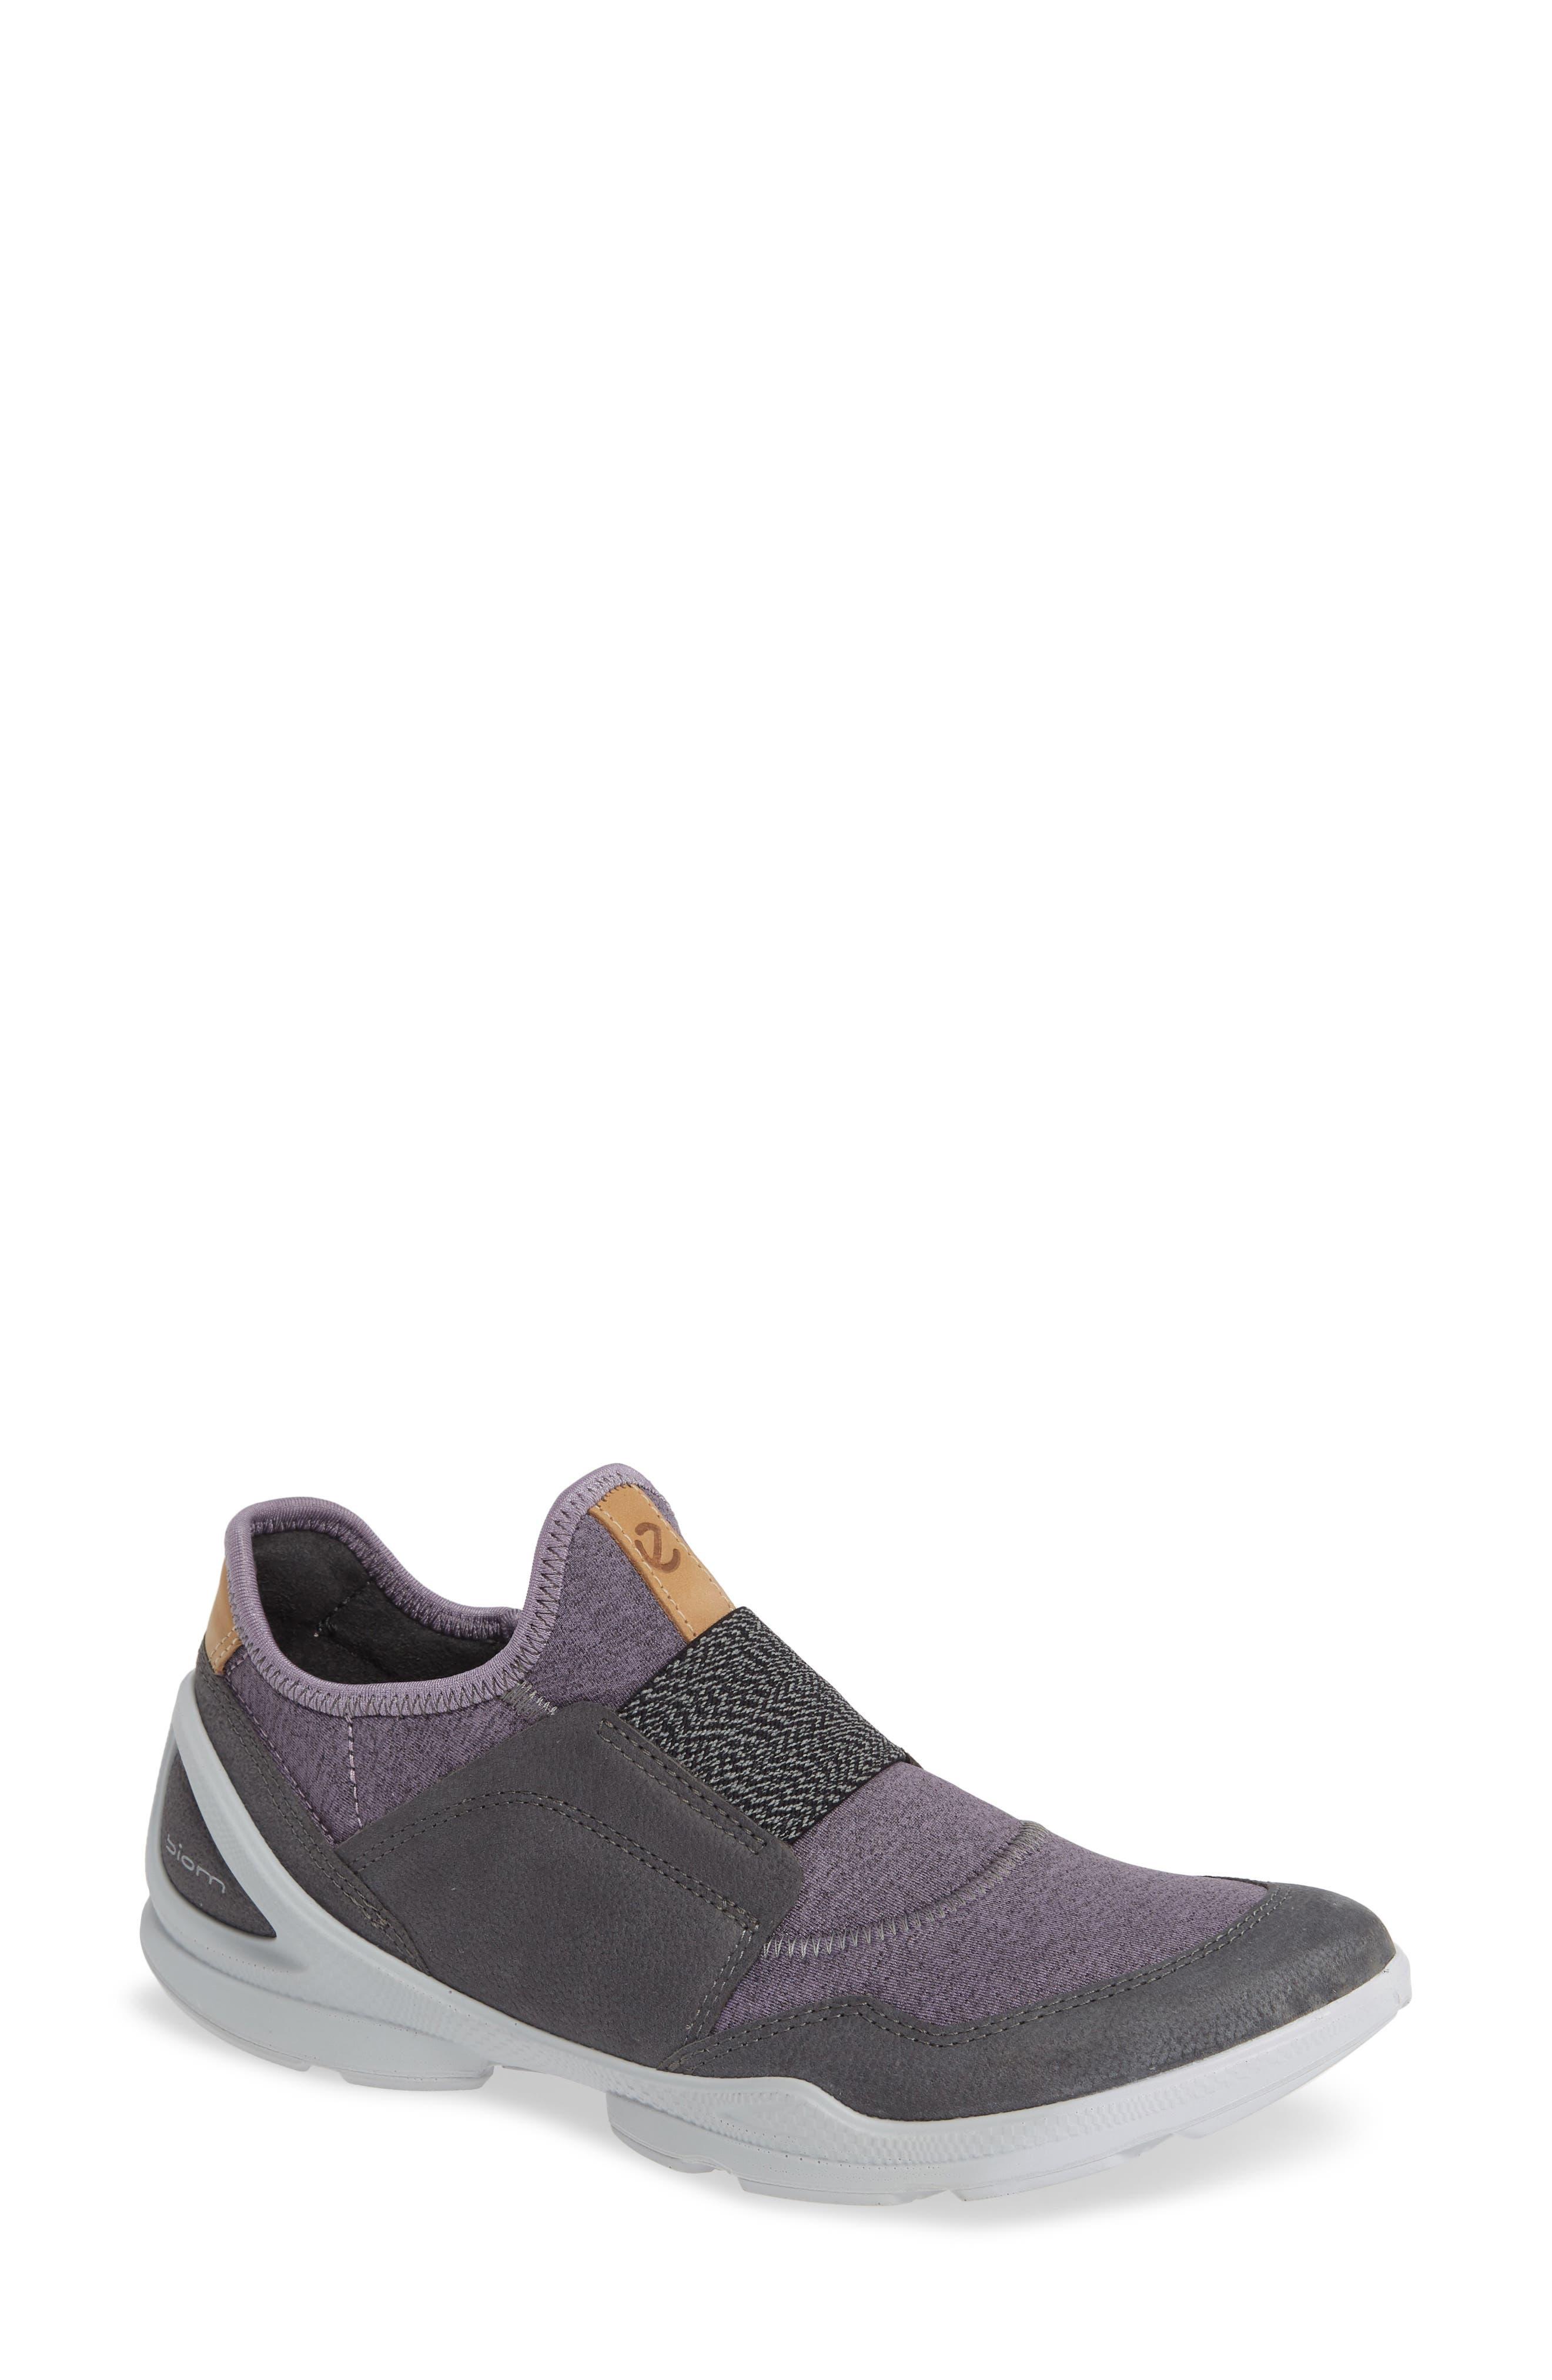 Ecco Biom Street Slip-On Sneaker, Purple